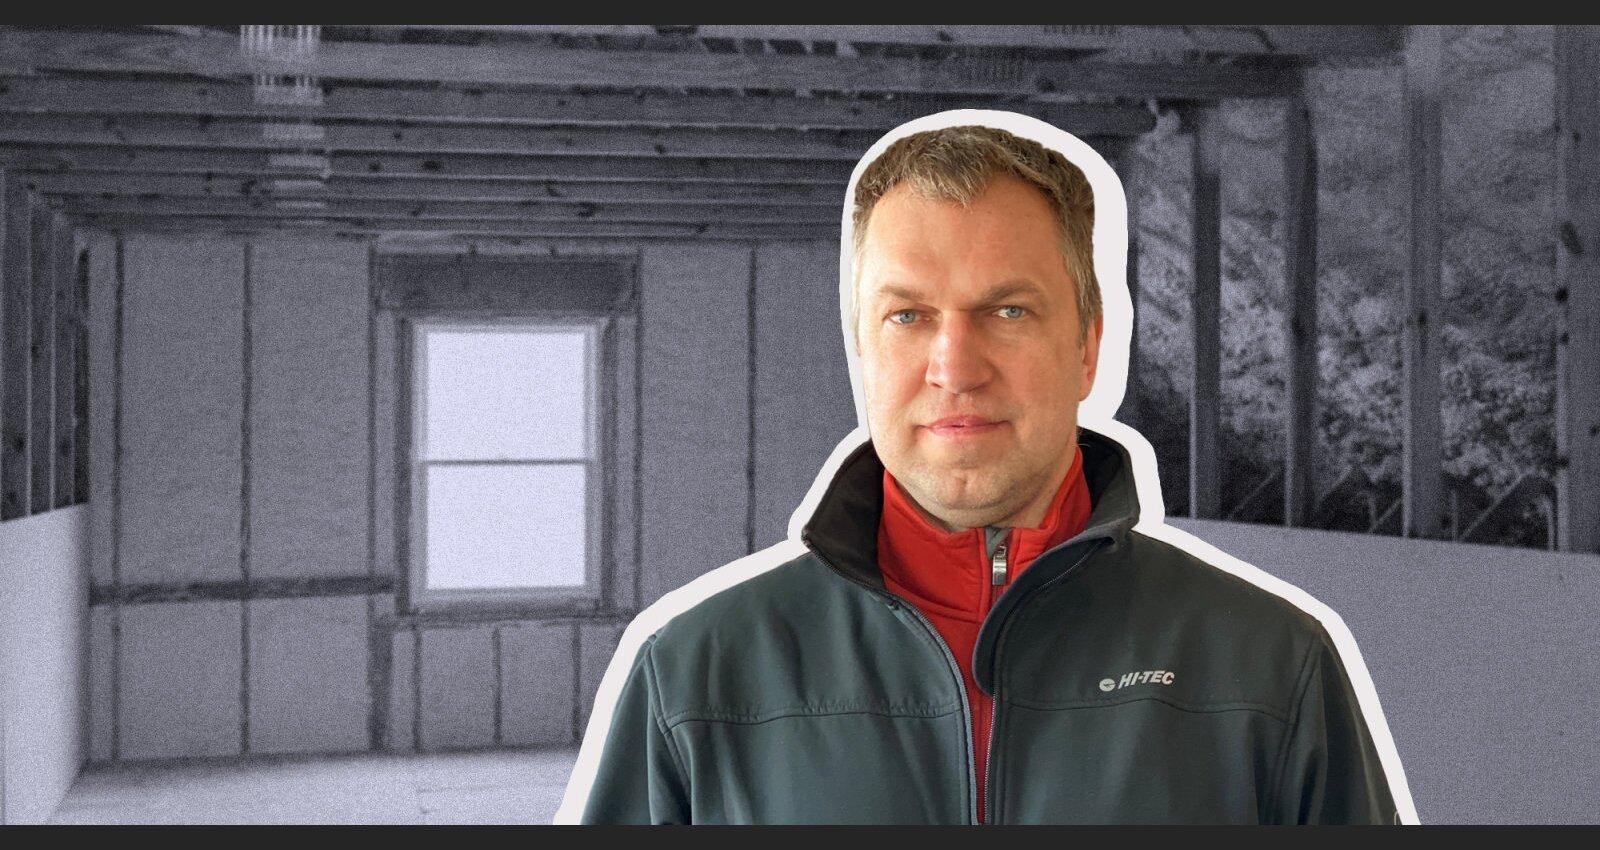 Situācija Latvijā tikai pasliktinās. Ekobūvnieks Harijs Tučs par māju siltināšanu